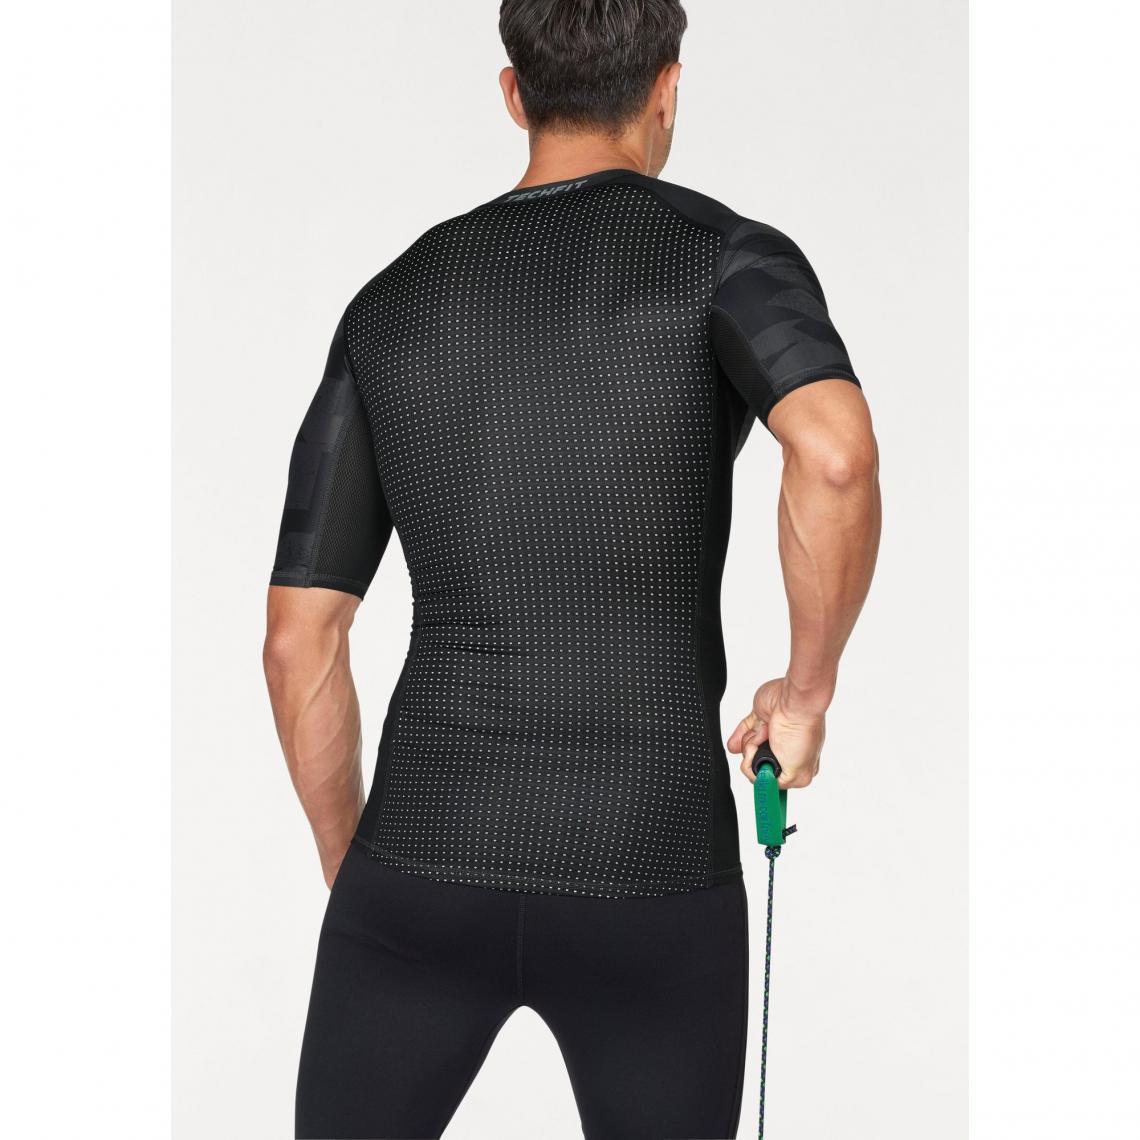 8611bdd43a9 T shirts imprimés homme Adidas Performance Cliquez l image pour l agrandir.  T-shirt manches coudes adidas Performance Techfit Climalite® ...